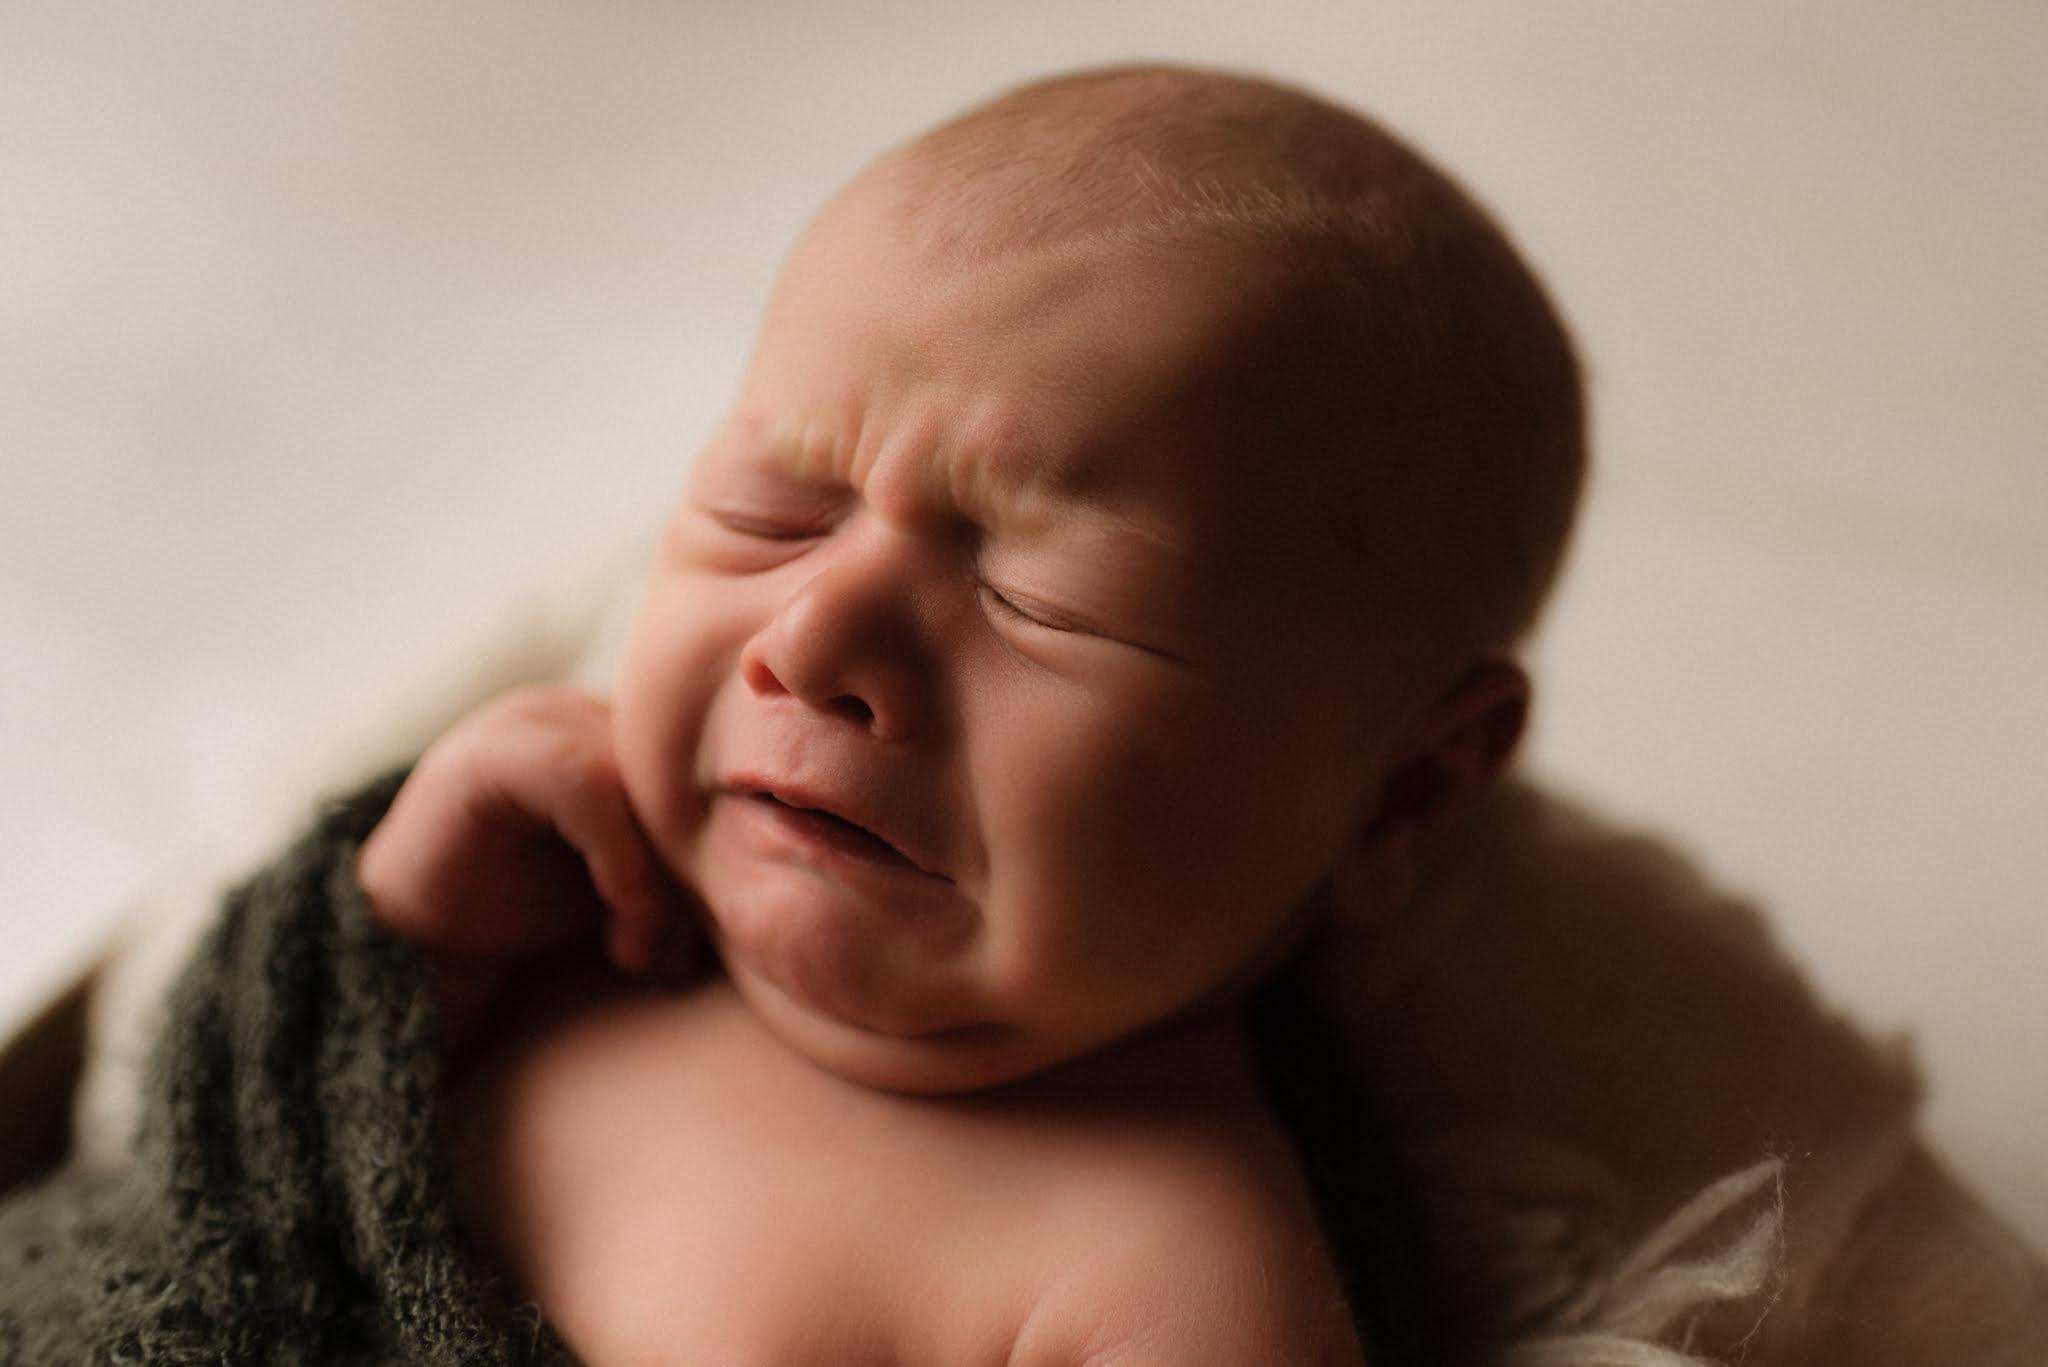 Nyföddfotografering - Louie 8